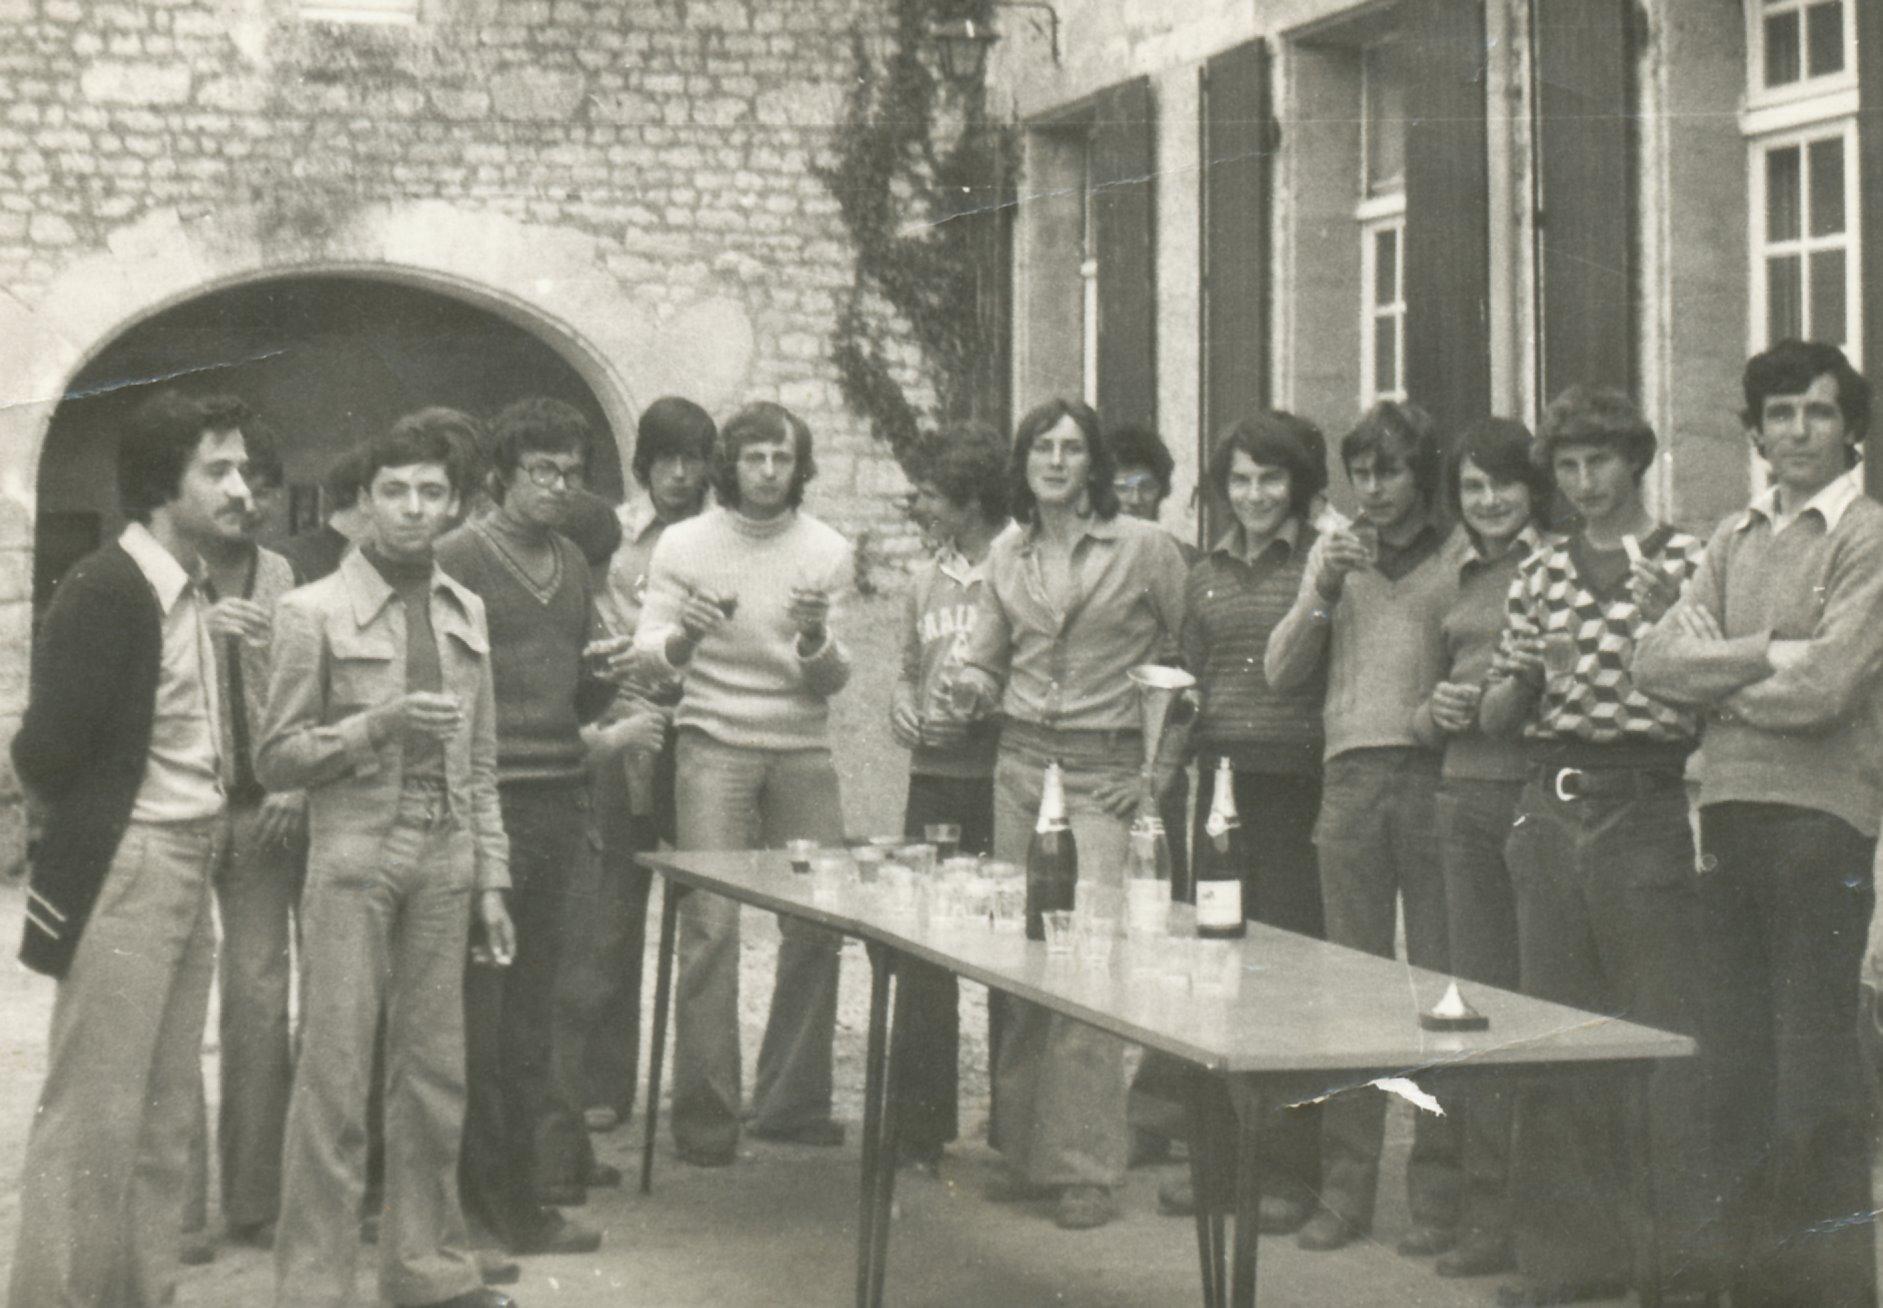 Archives anciens élèves mfr puy-sec 1974 (4)